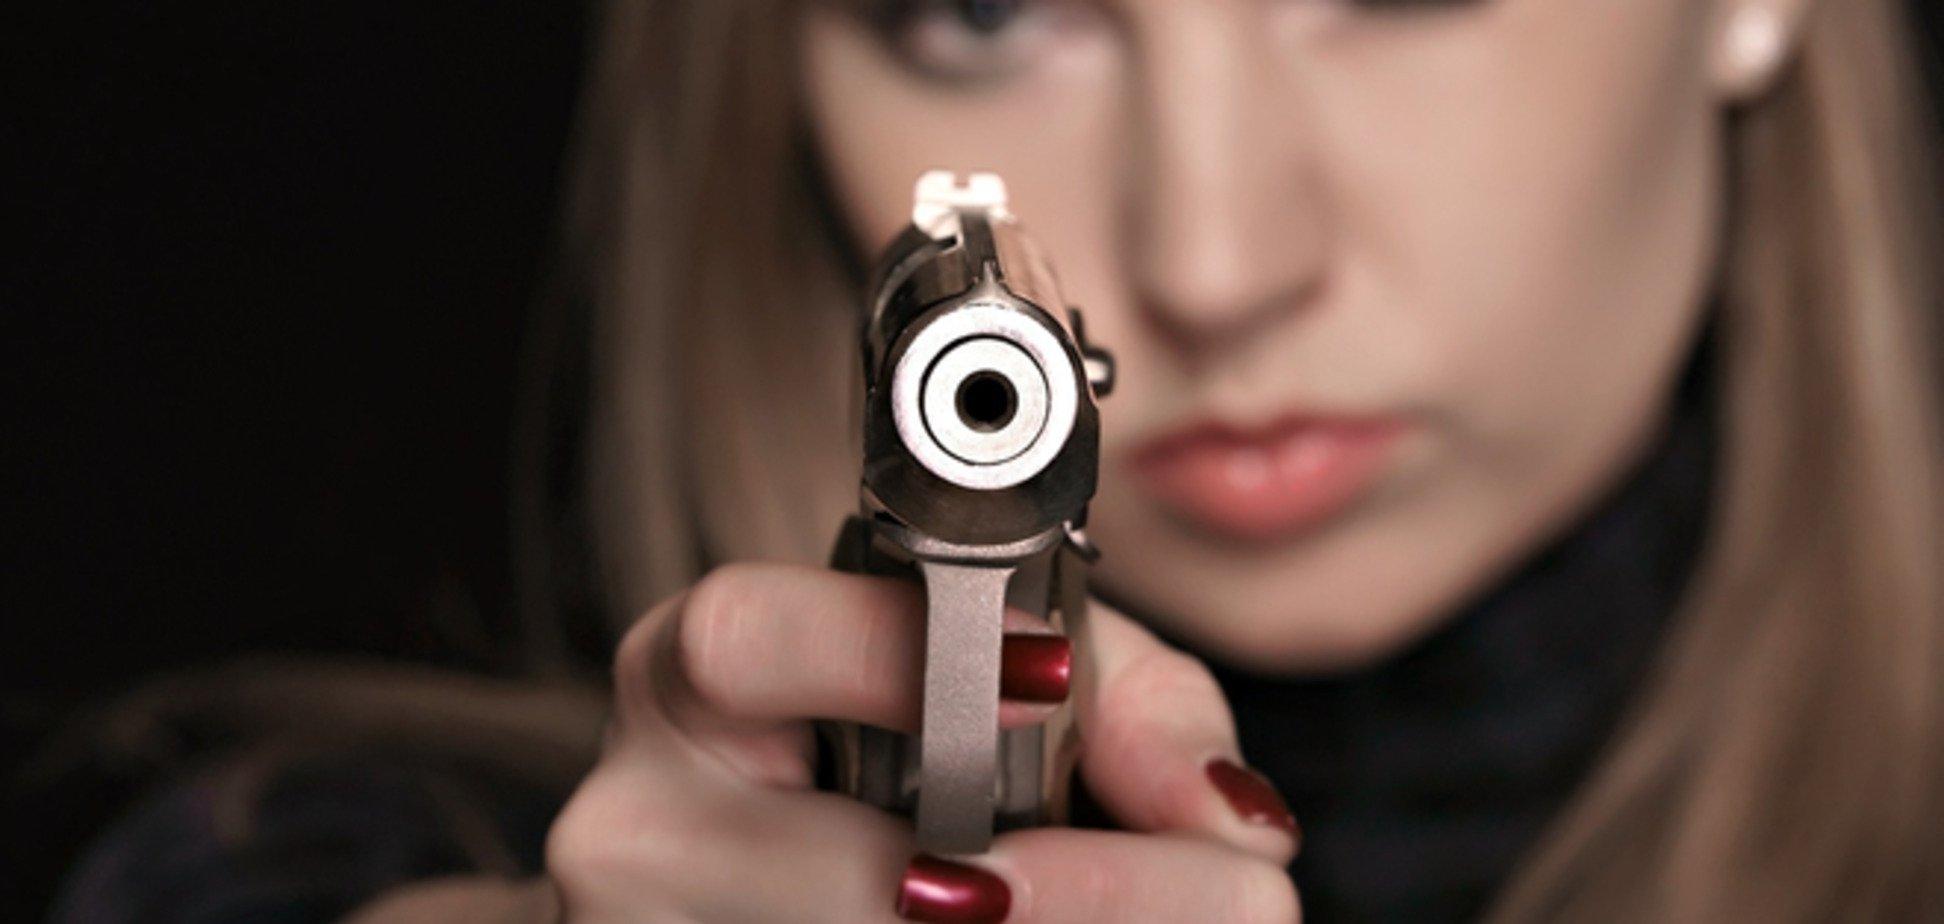 Росіянка намагалася пронести в Україну десять пістолетів